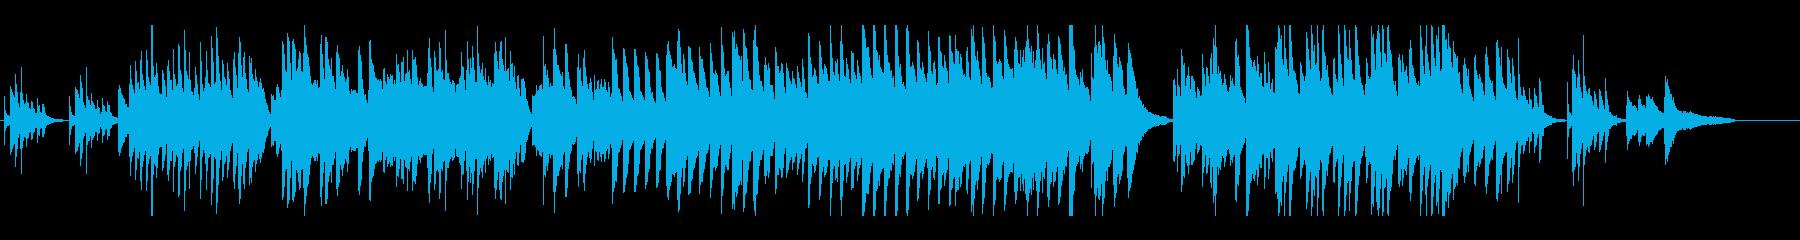 雨にうたれながら物思いにふけるピアノ曲の再生済みの波形